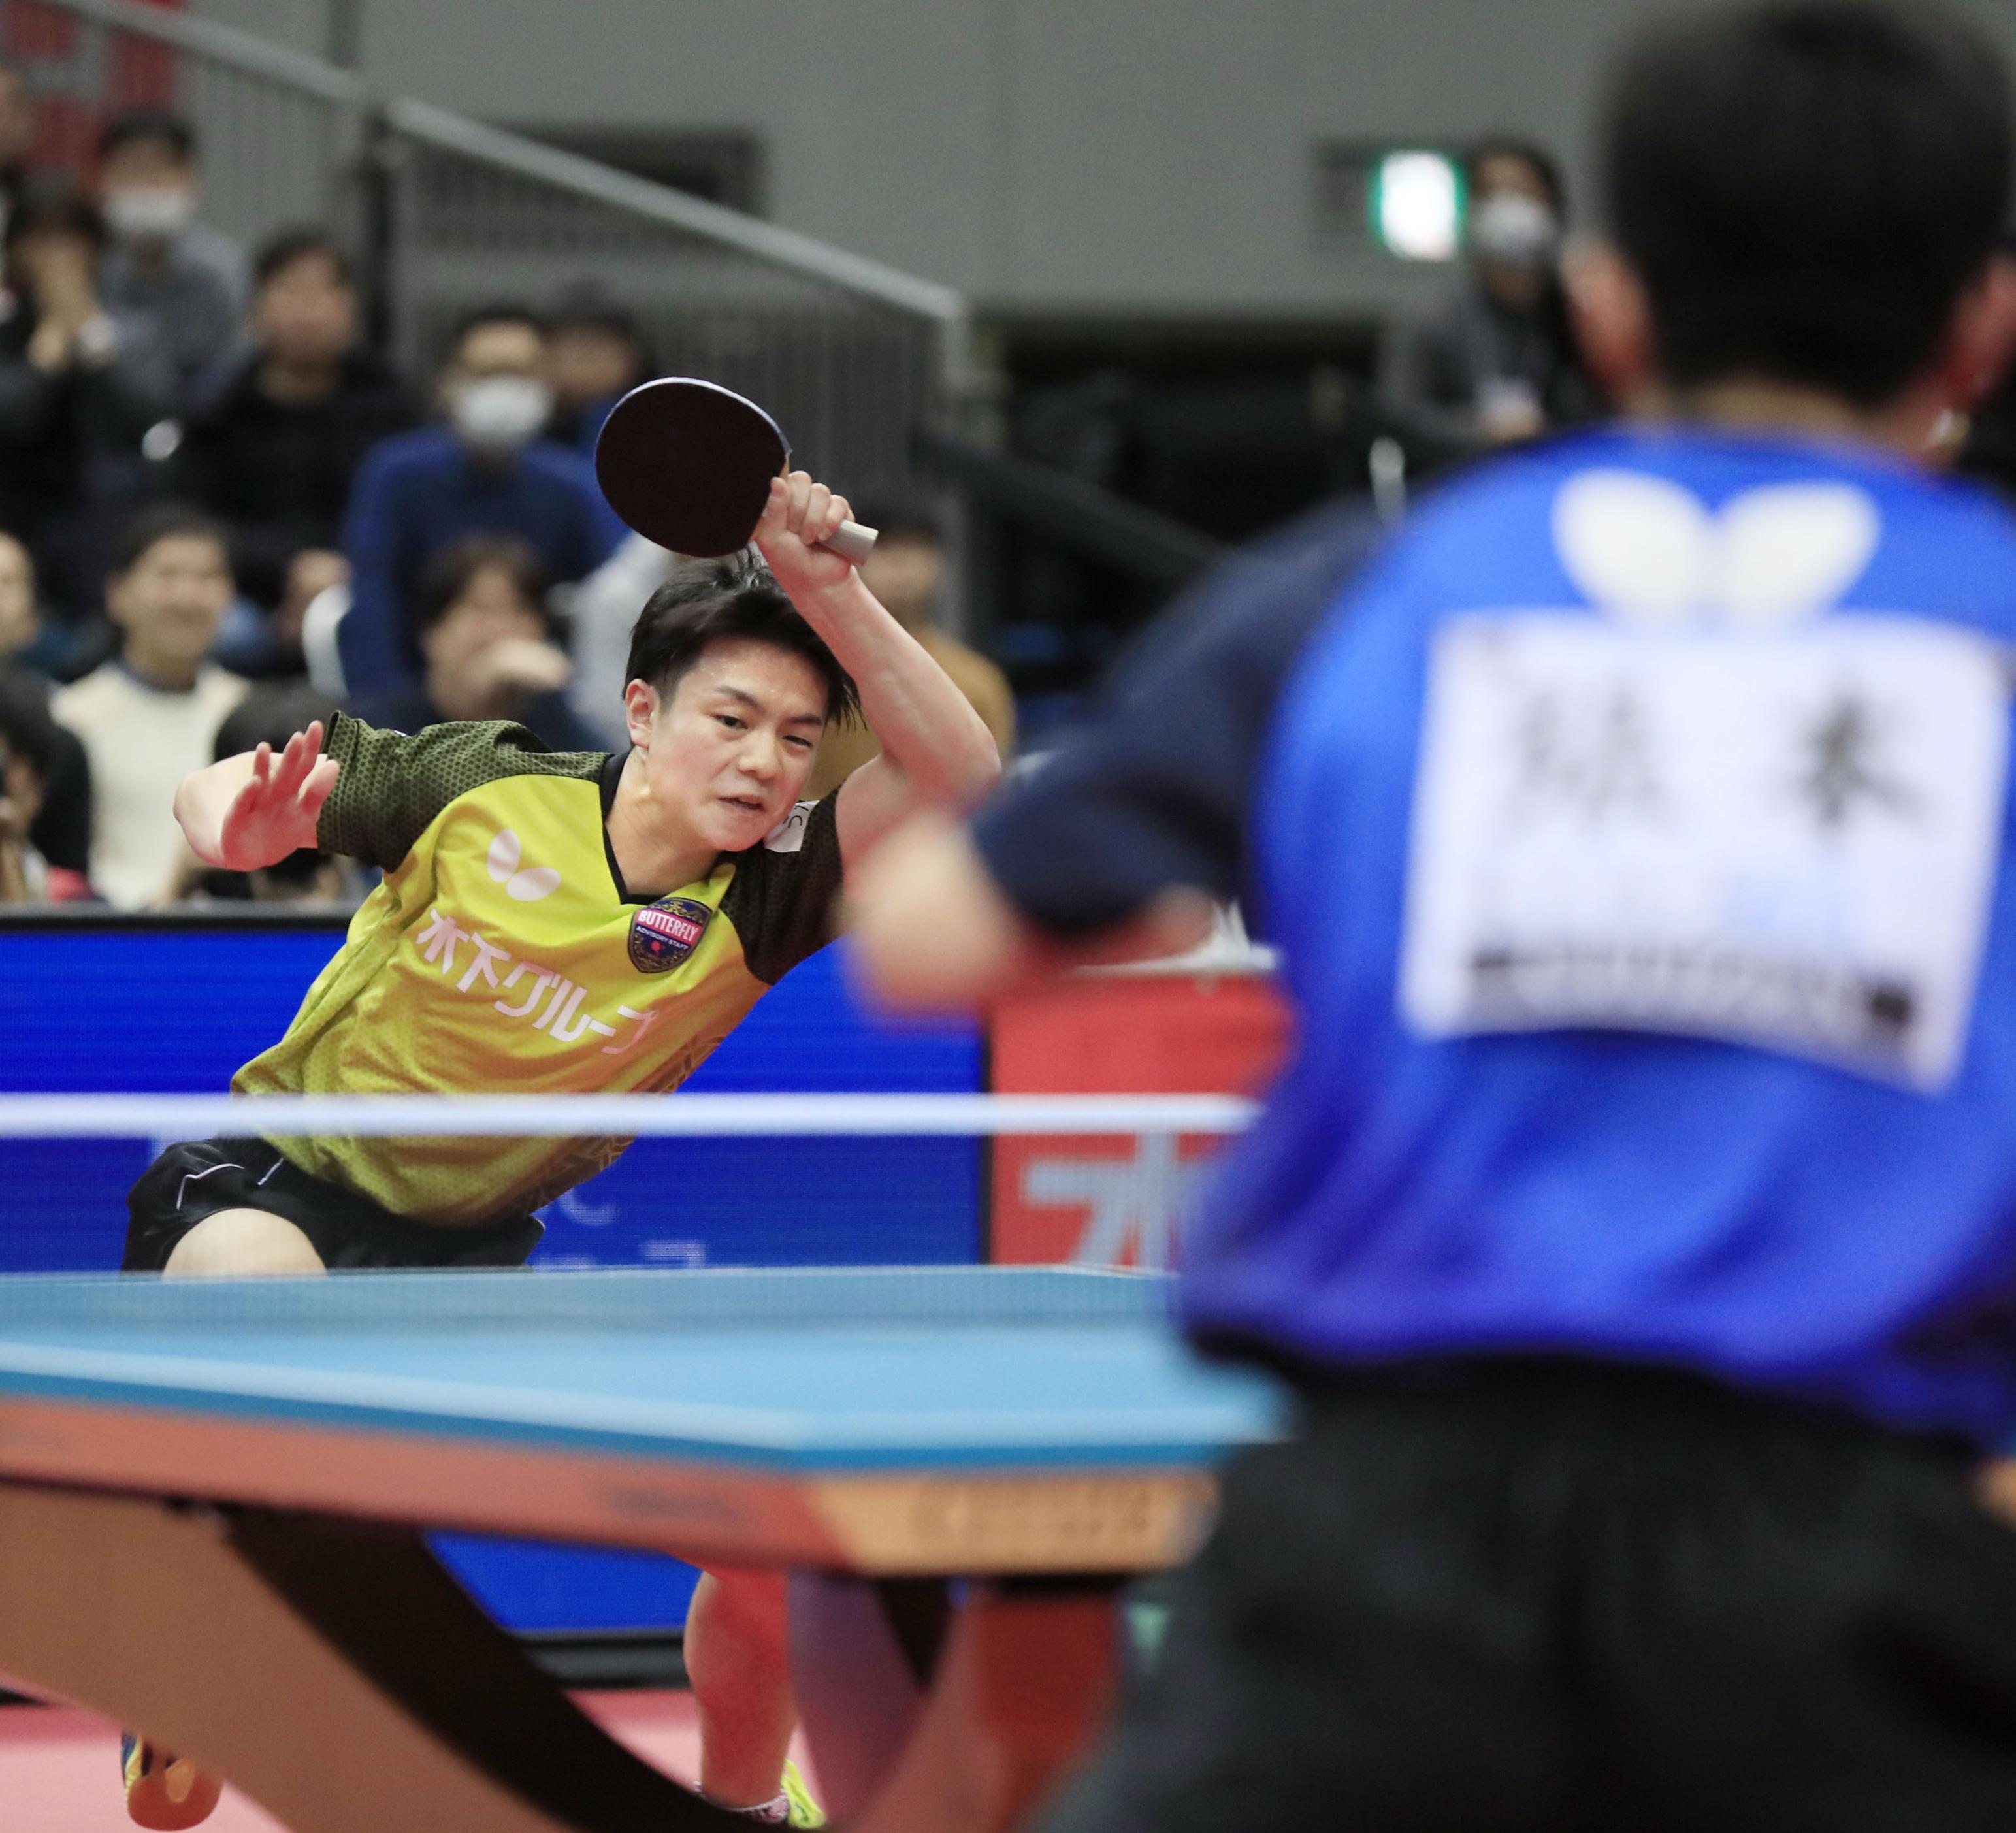 2020年1月の全日本選手権男子シングルス決勝で張本を破った宇田(左) ©KYODO